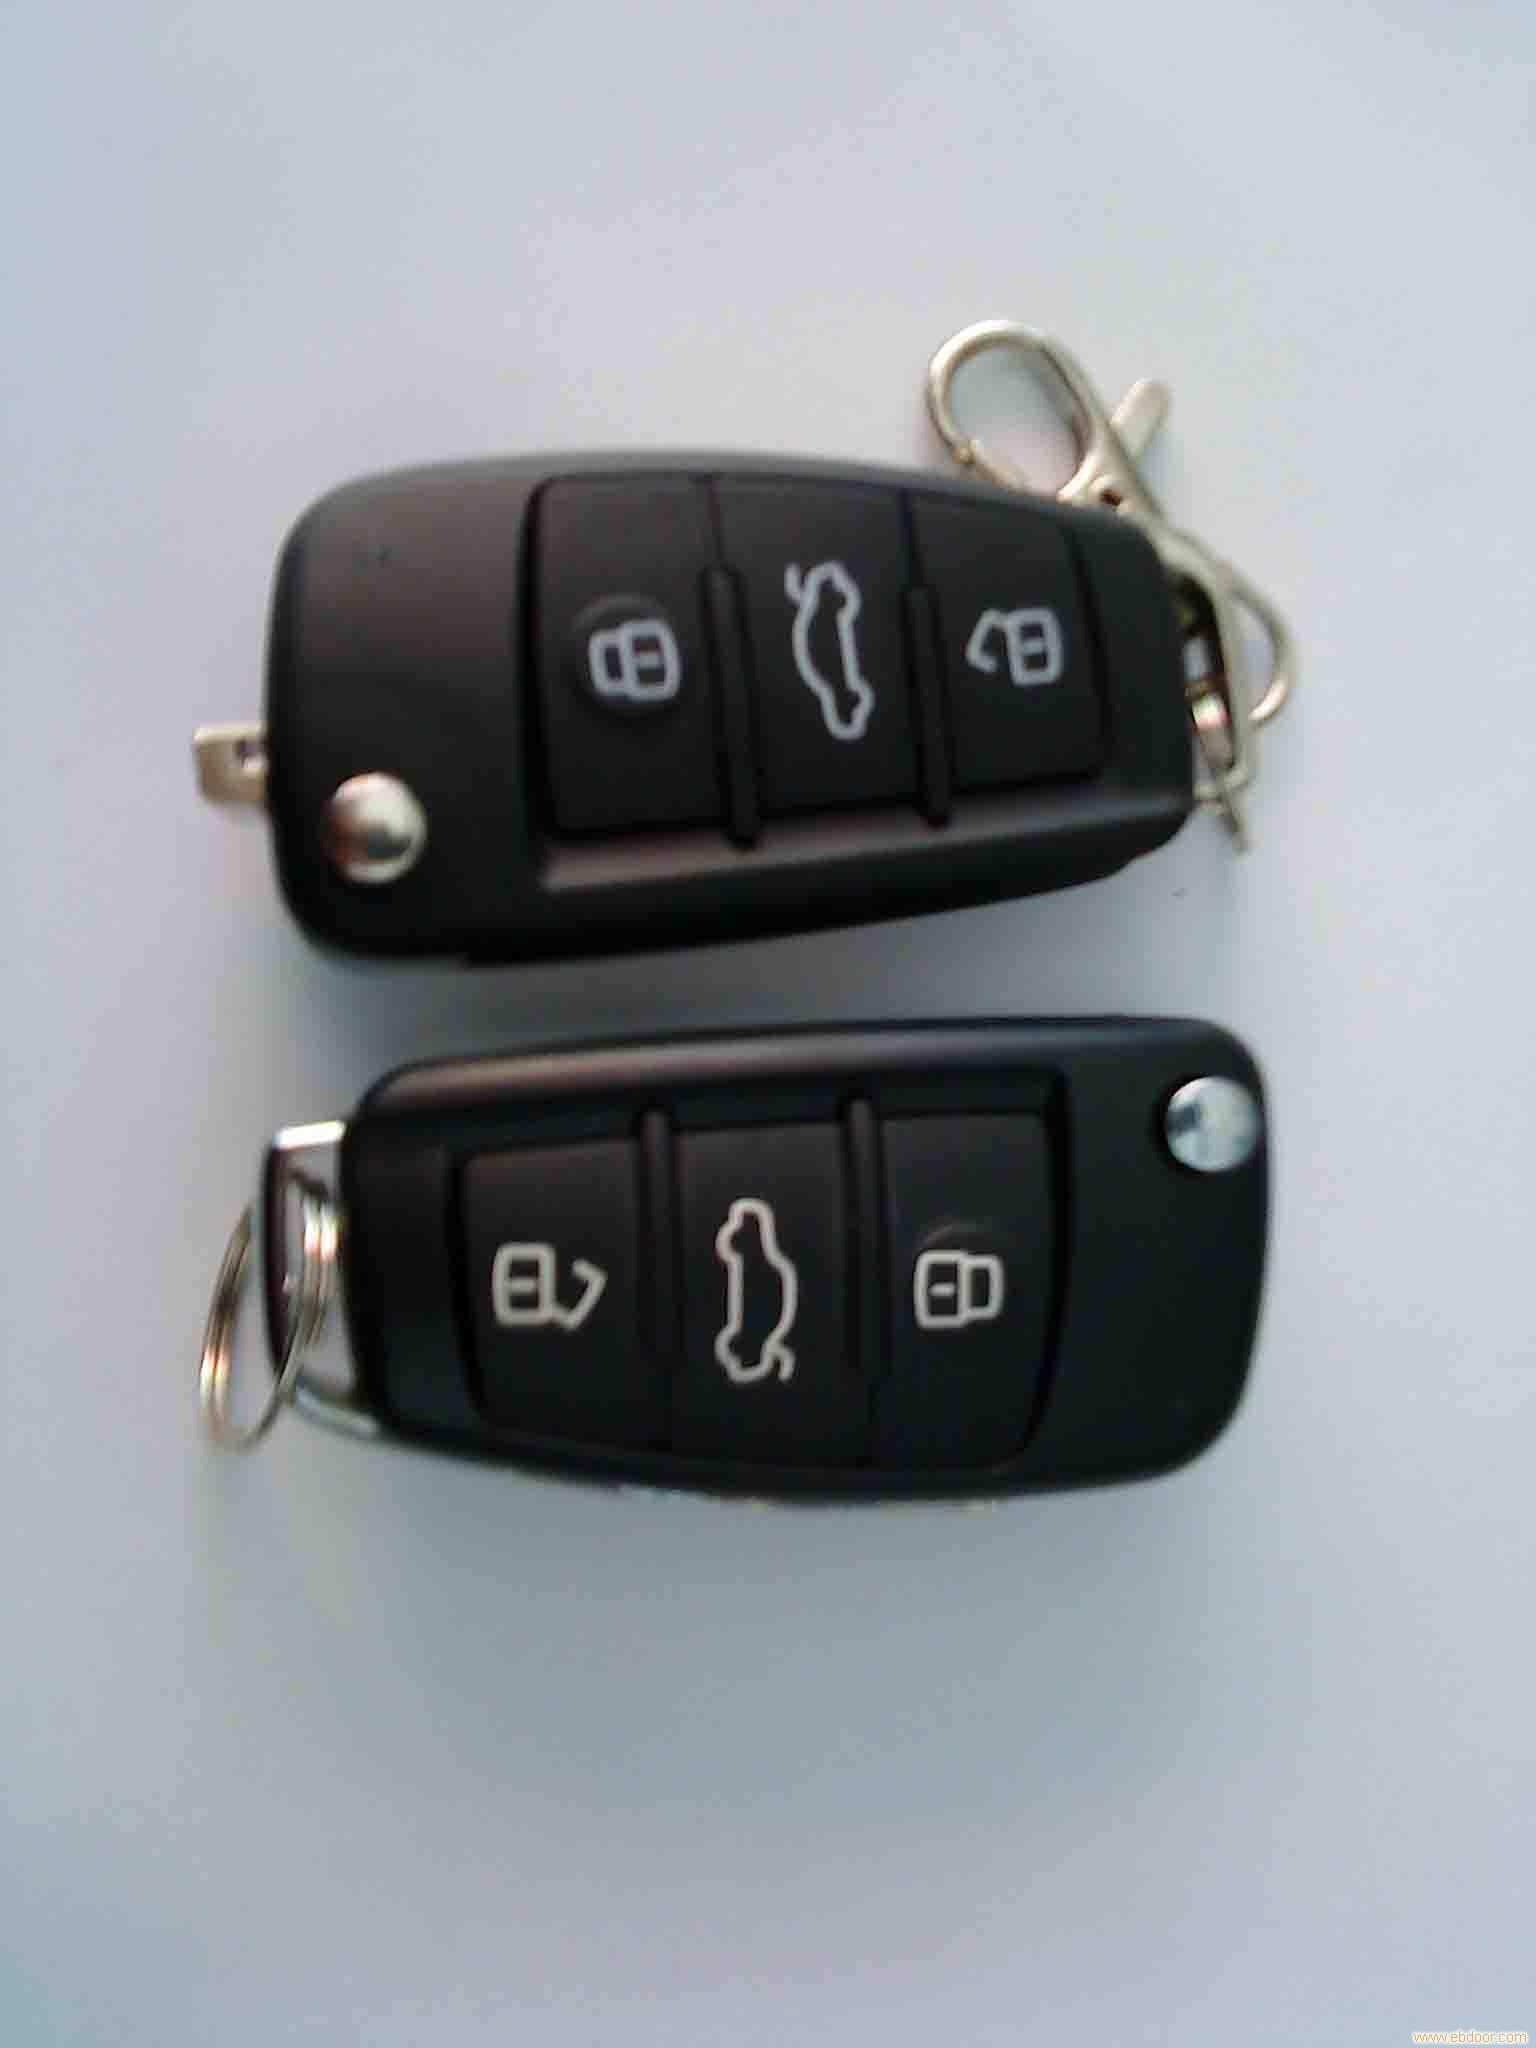 上海道斌锁业汽车钥匙遥控 上海道斌锁业有限公司高清图片